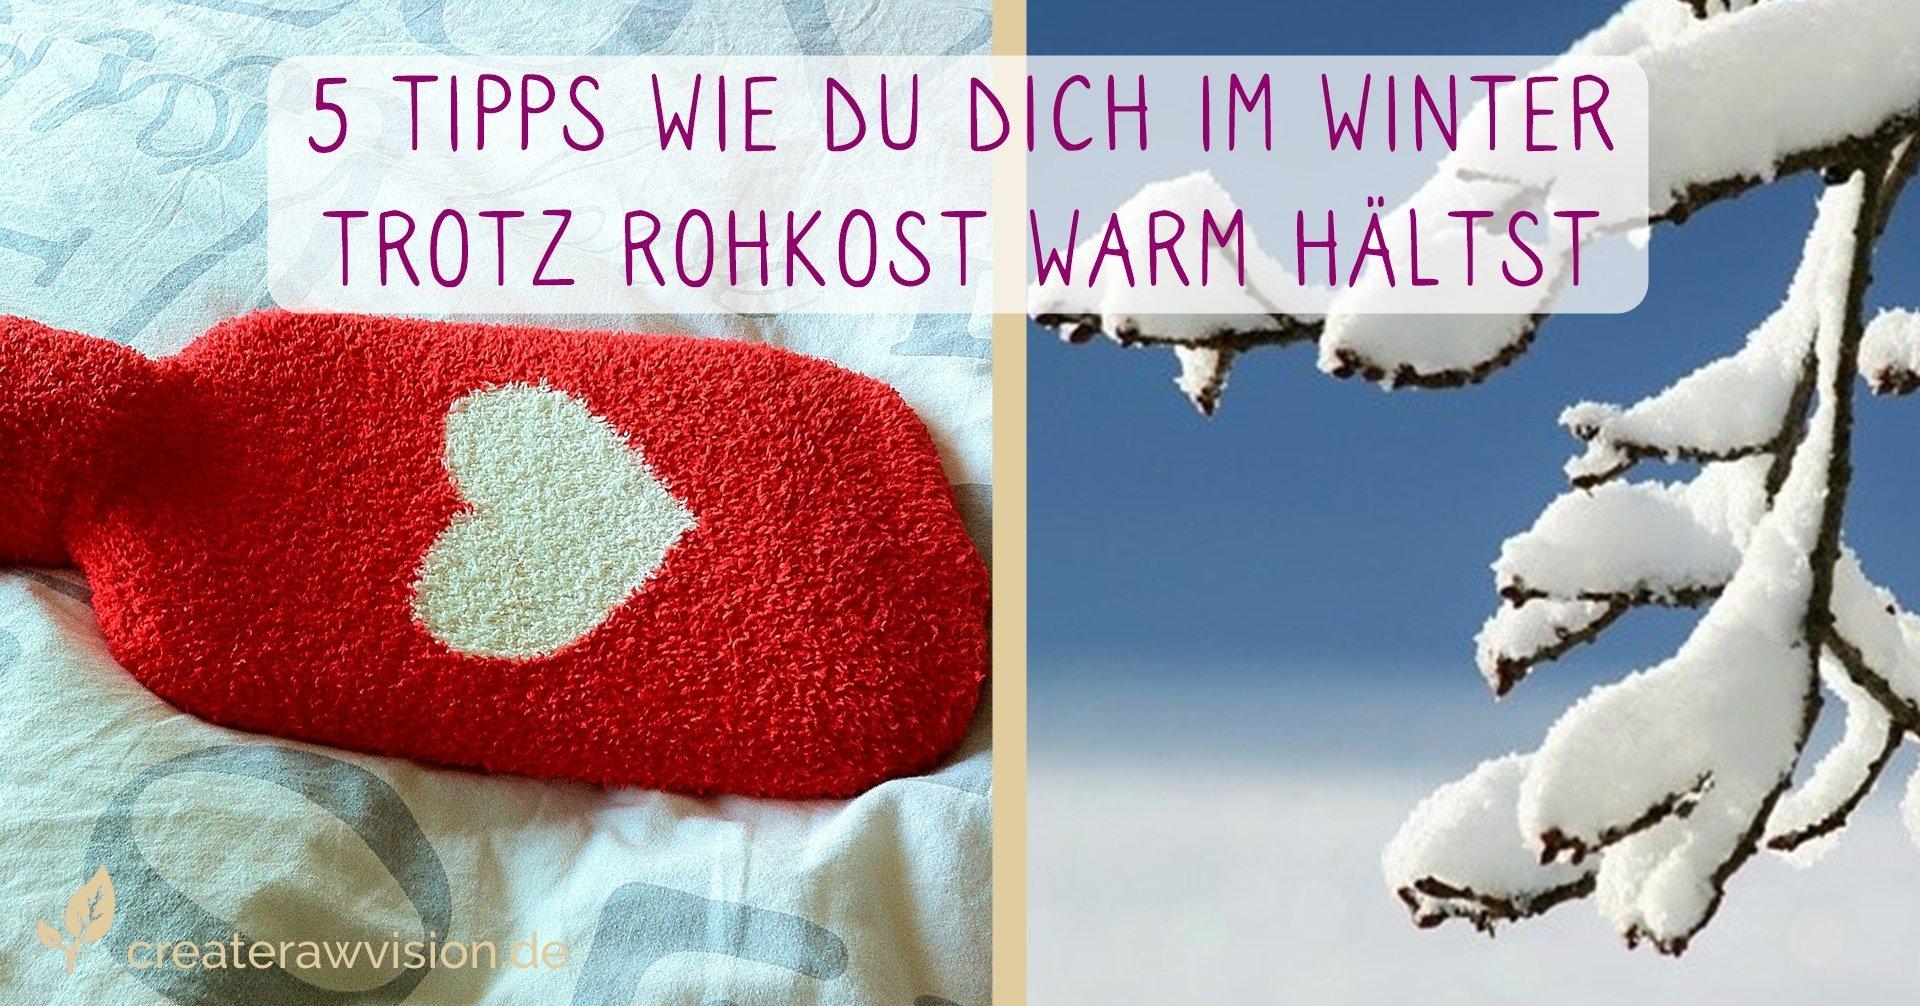 Wärmflasche und schneebedeckte Äste - Rohkost im Winter